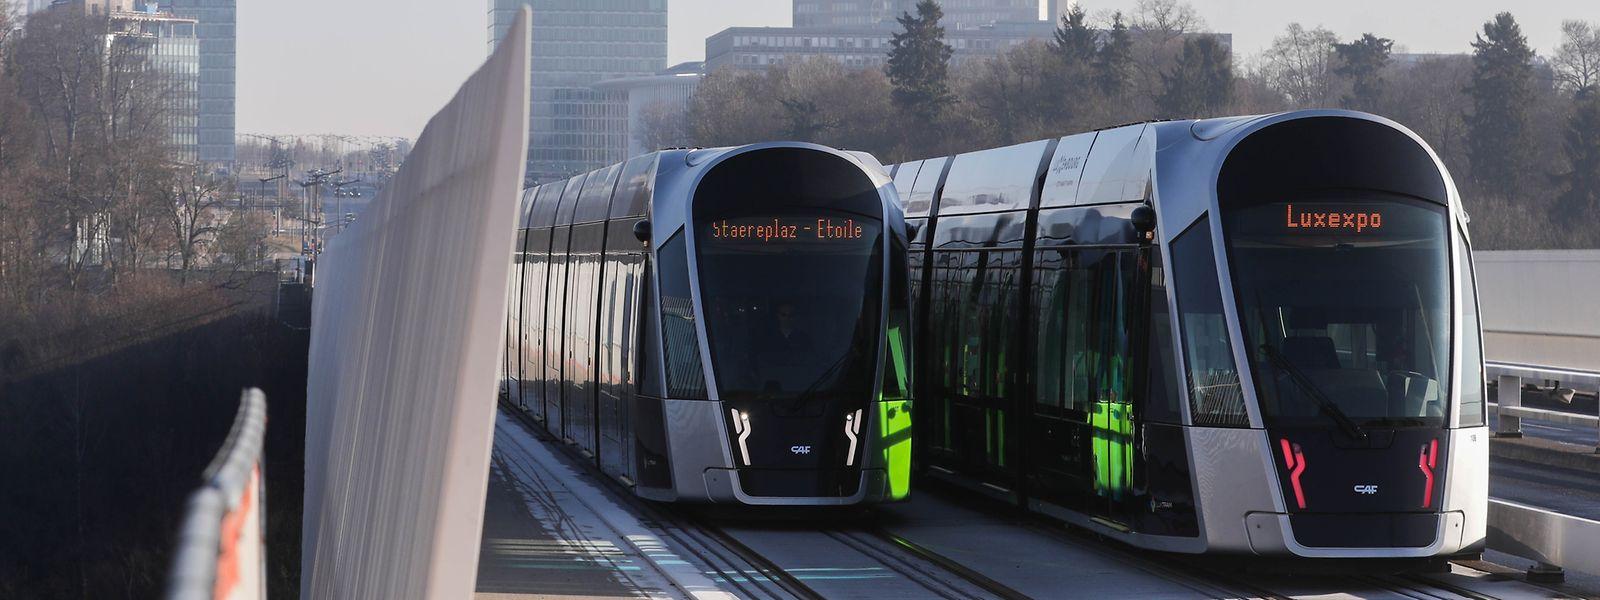 In den kommenden Jahren wird die Tramstrecke bis zum Flughafen erweitert.